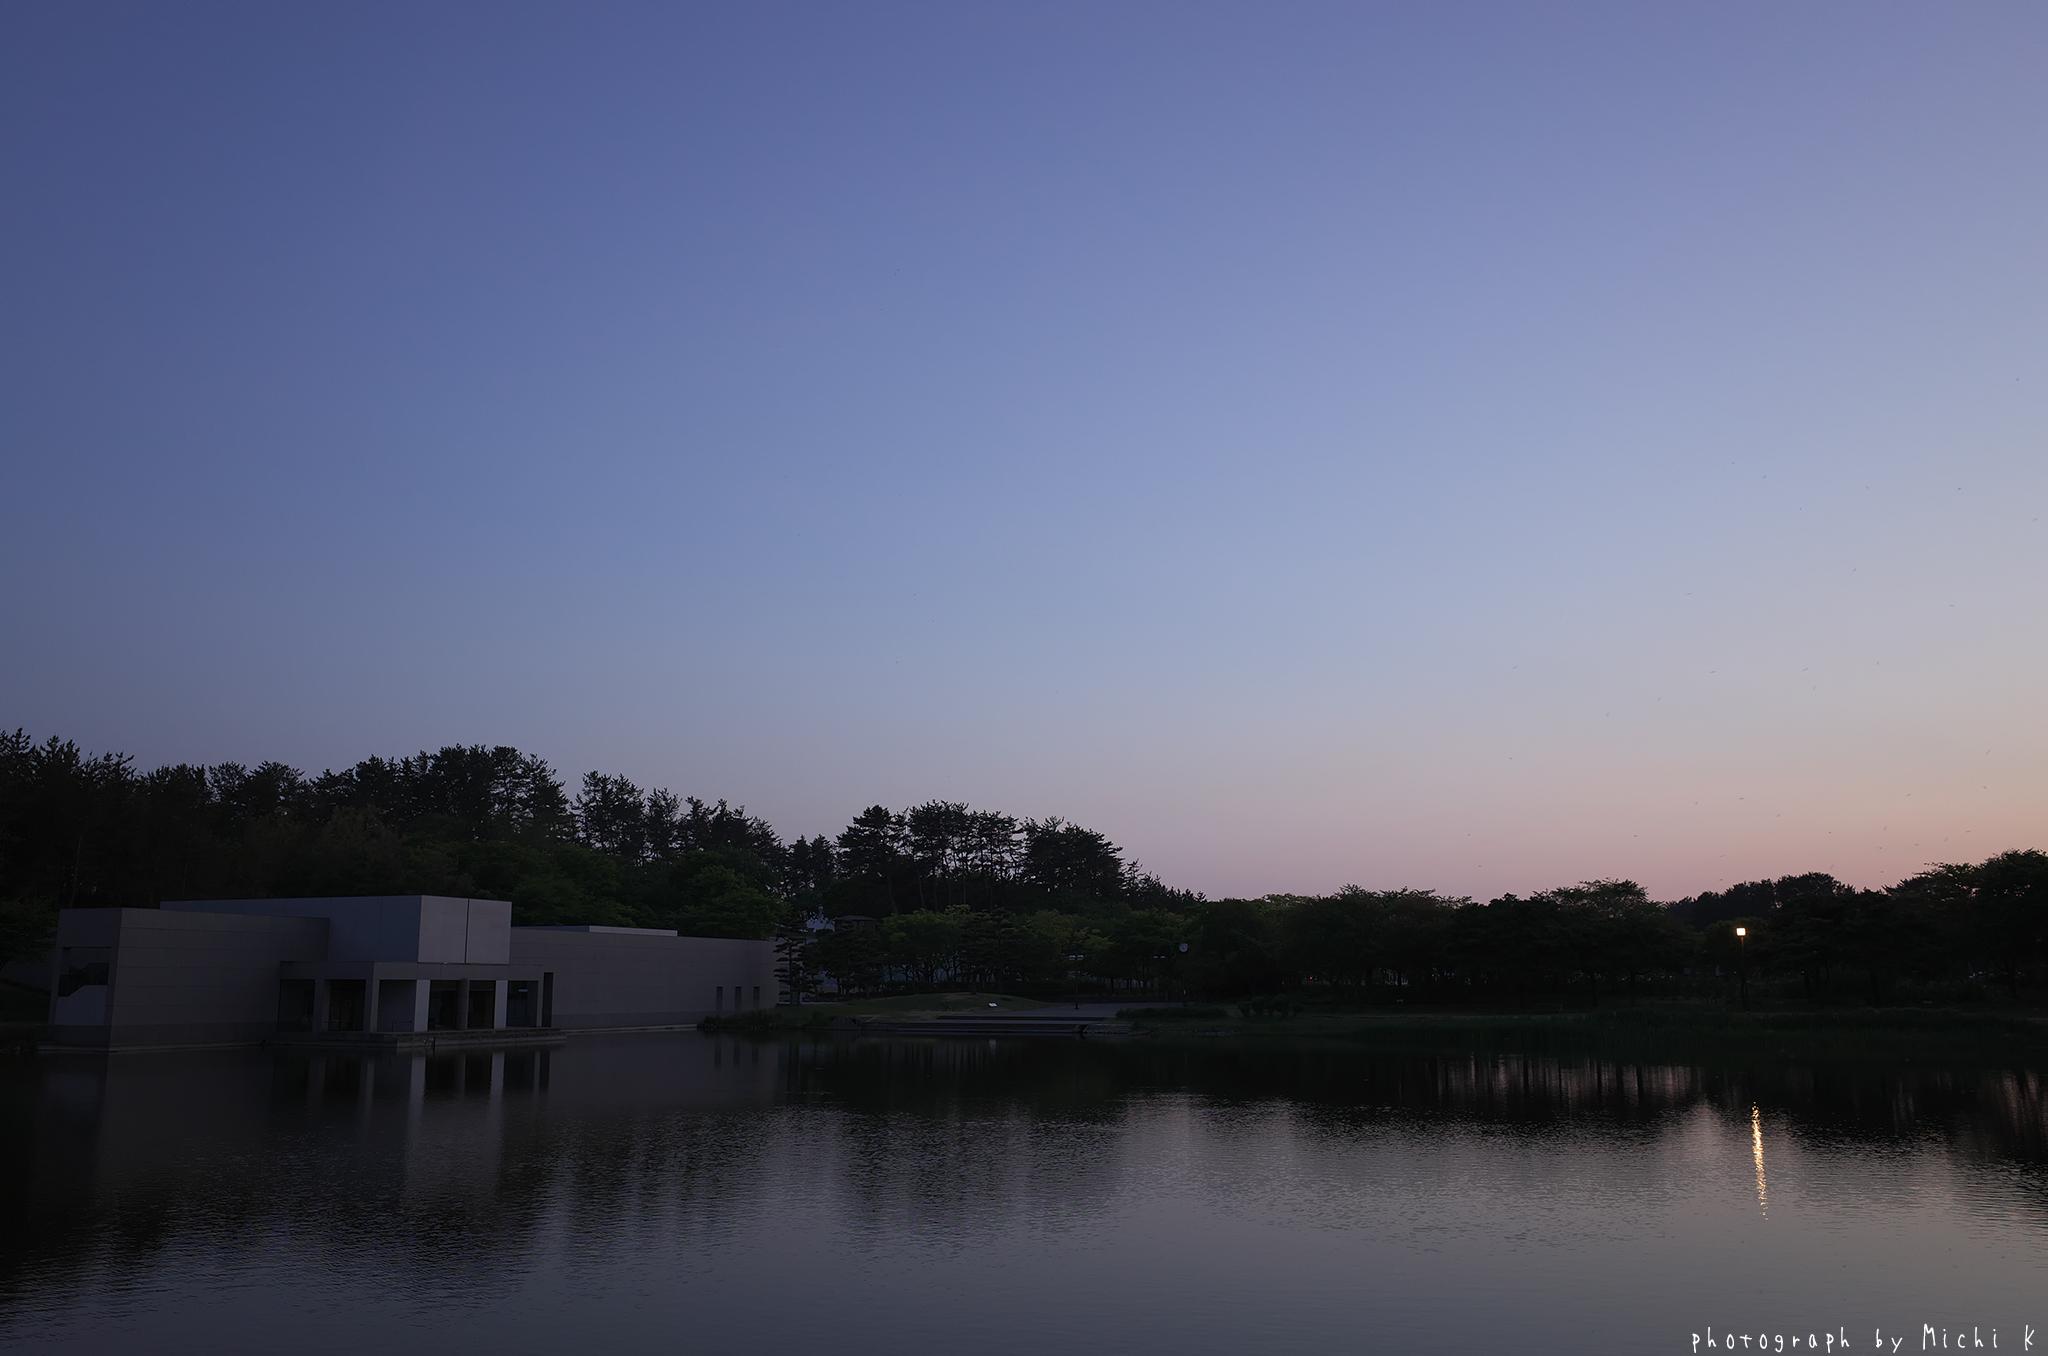 土門拳記念館2019-5-16日没後(写真その6)